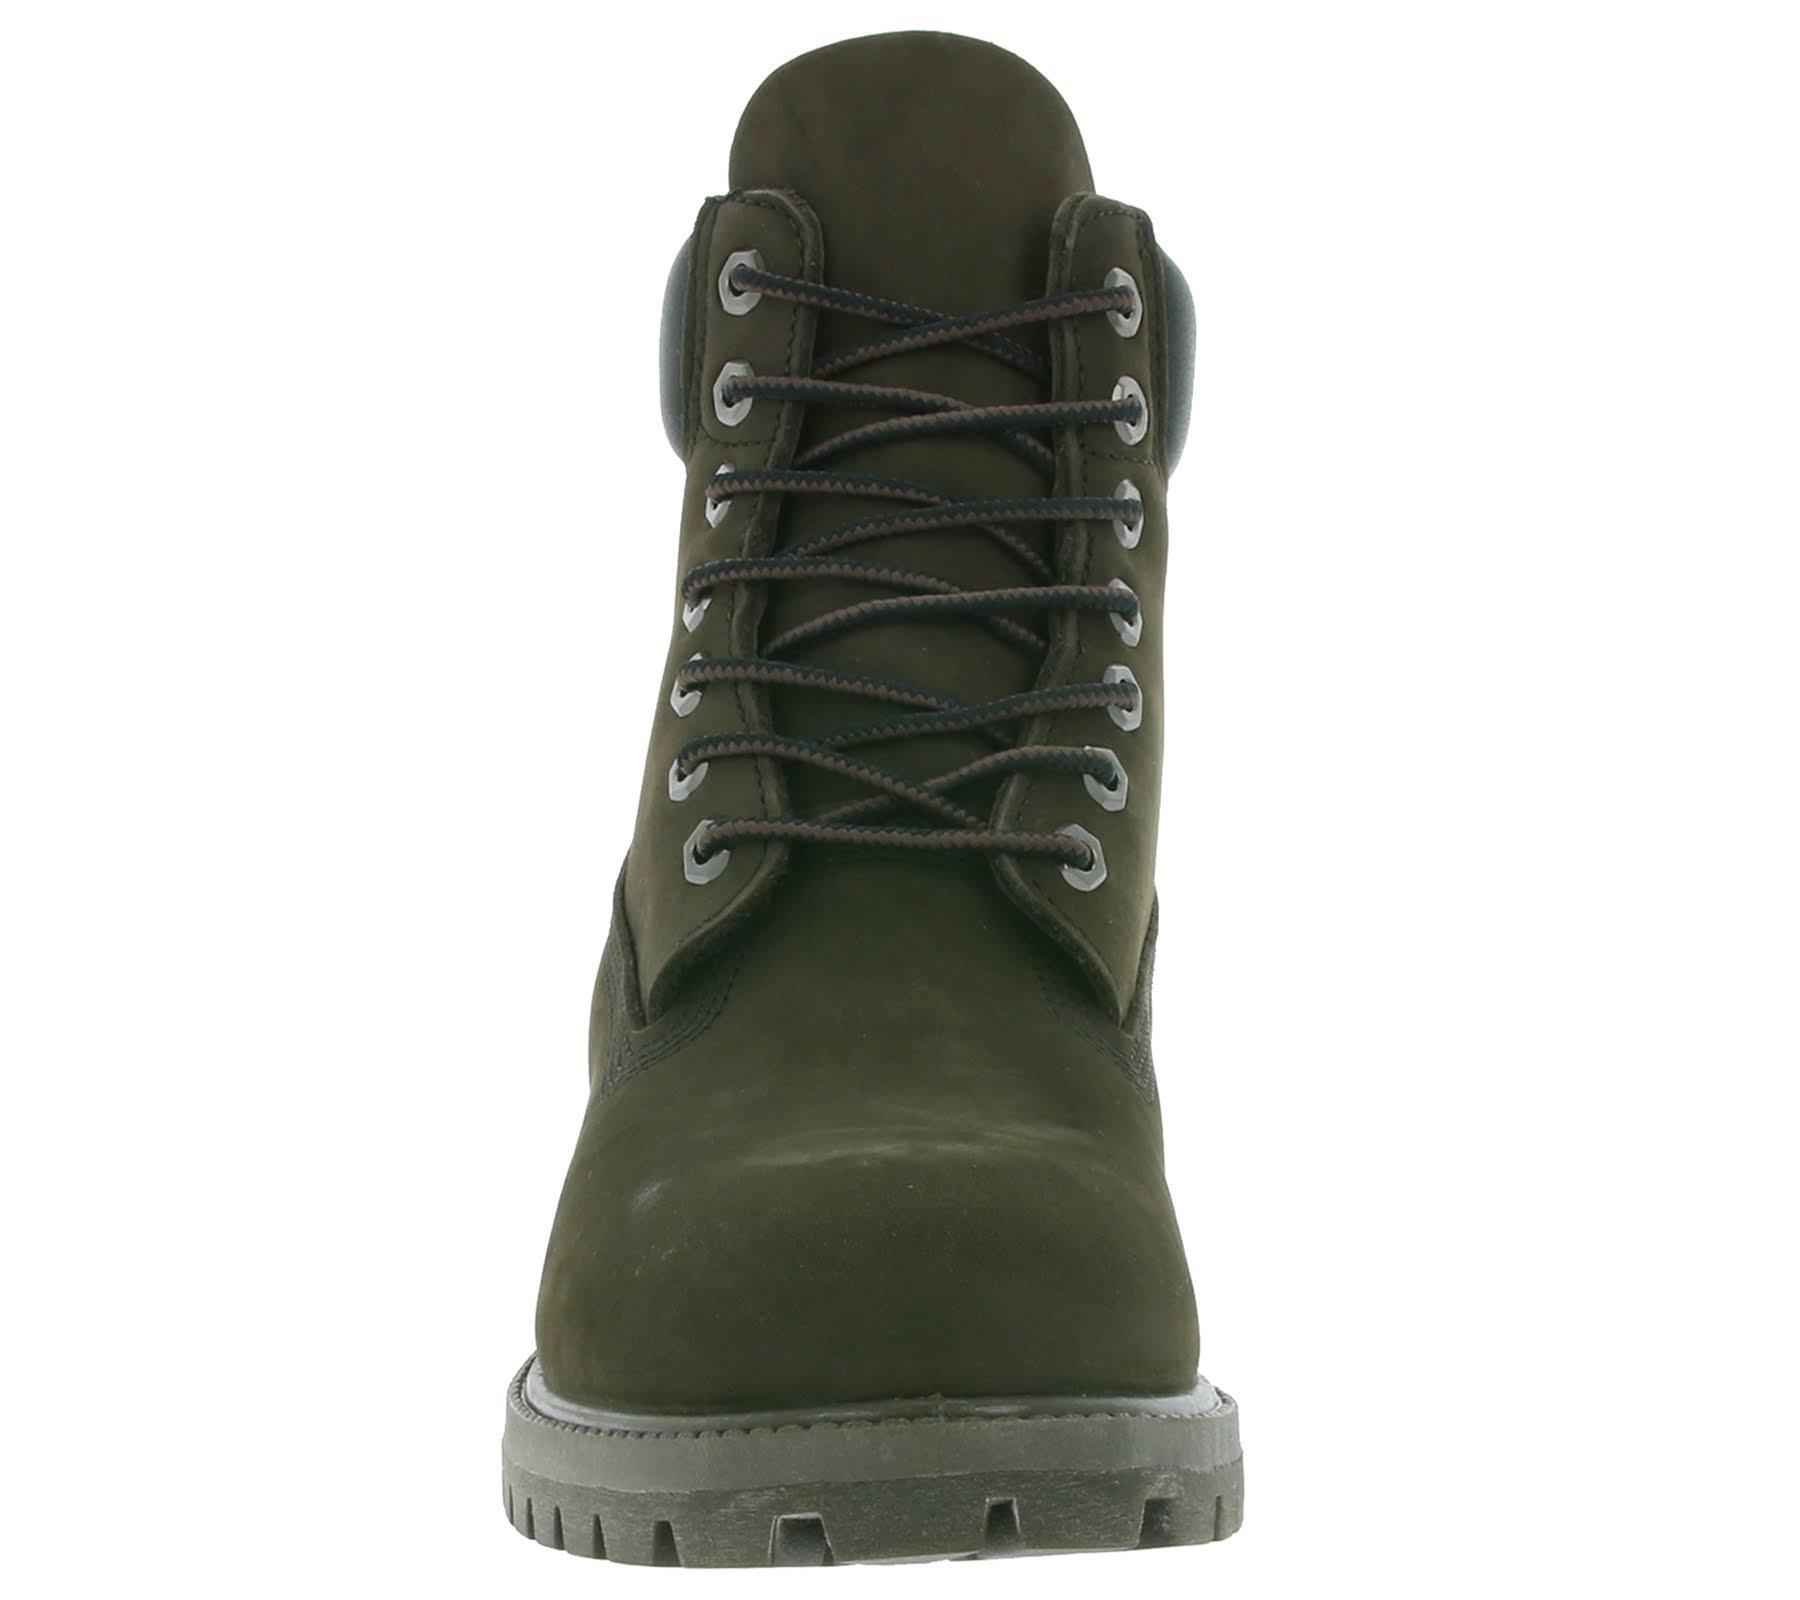 Mens Chocolate Dark Nubuck Boots Timberland Inch Premium Waterproof 6 Farbe gq0zxw